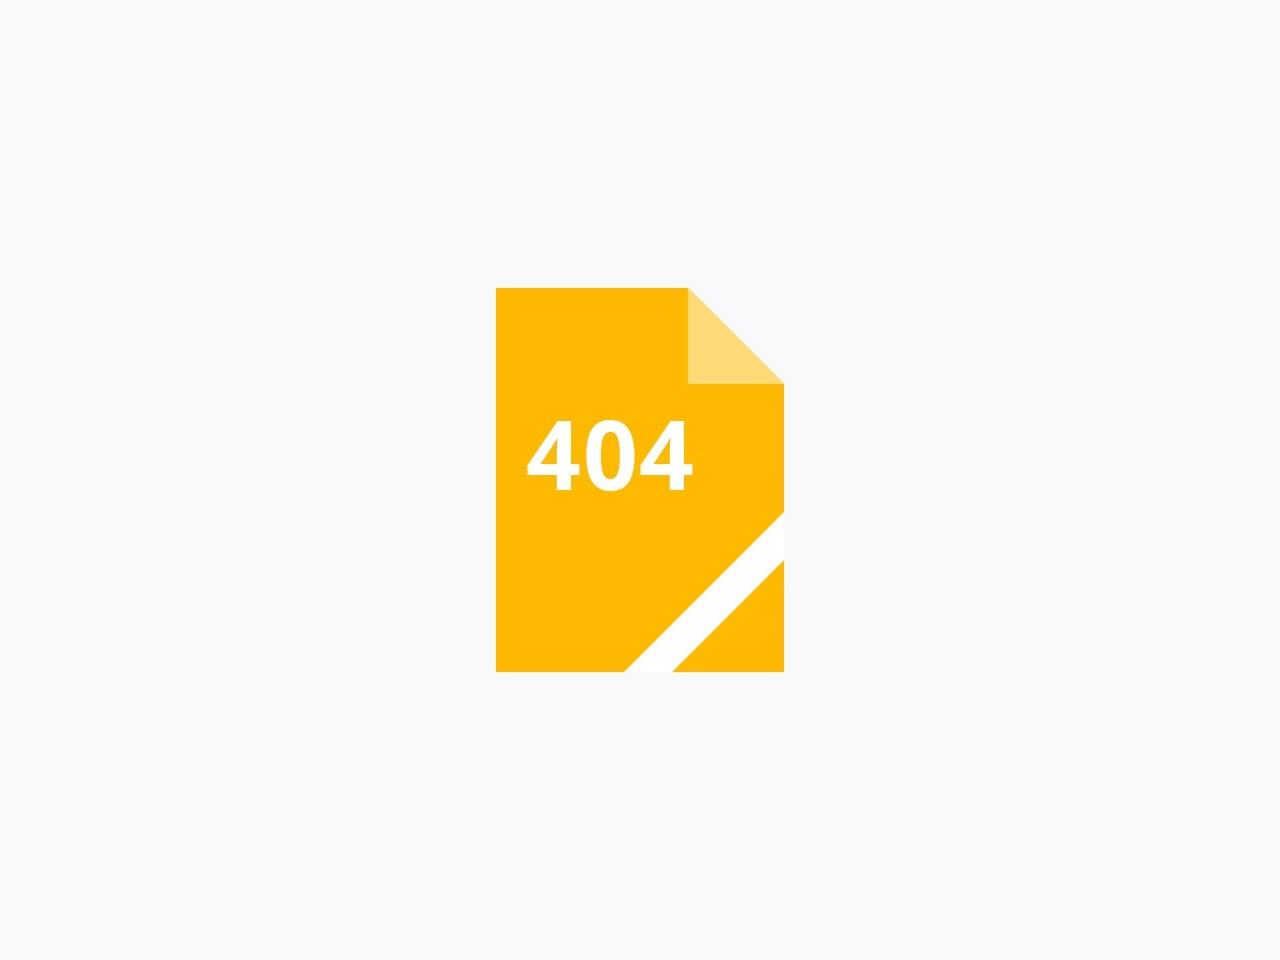 http://blogs.yahoo.co.jp/ki09024257971